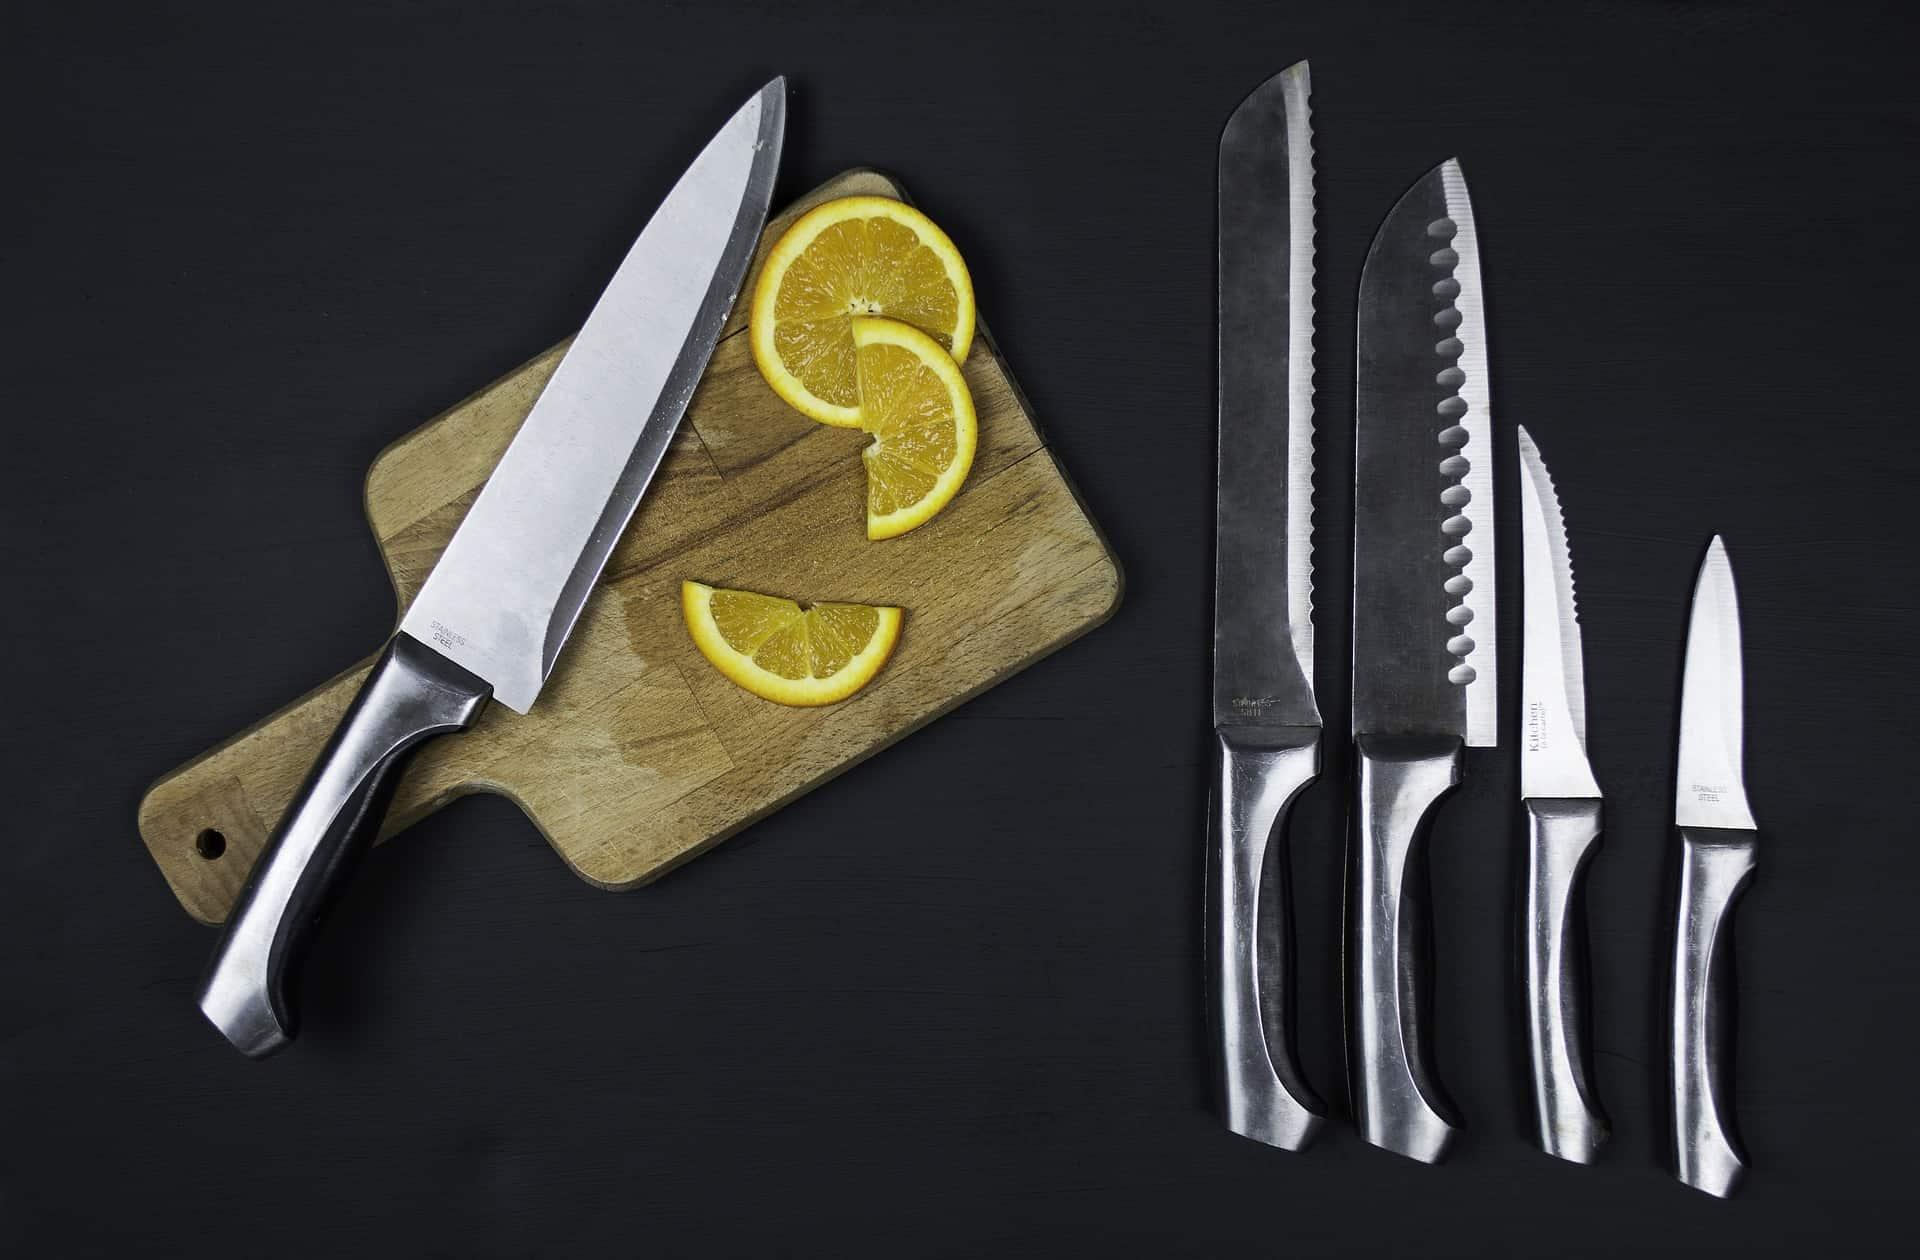 Imagem mostra 5 facas de inox, sendo que uma está em cima de uma tábua de madeira ao lado de um limão cortado.